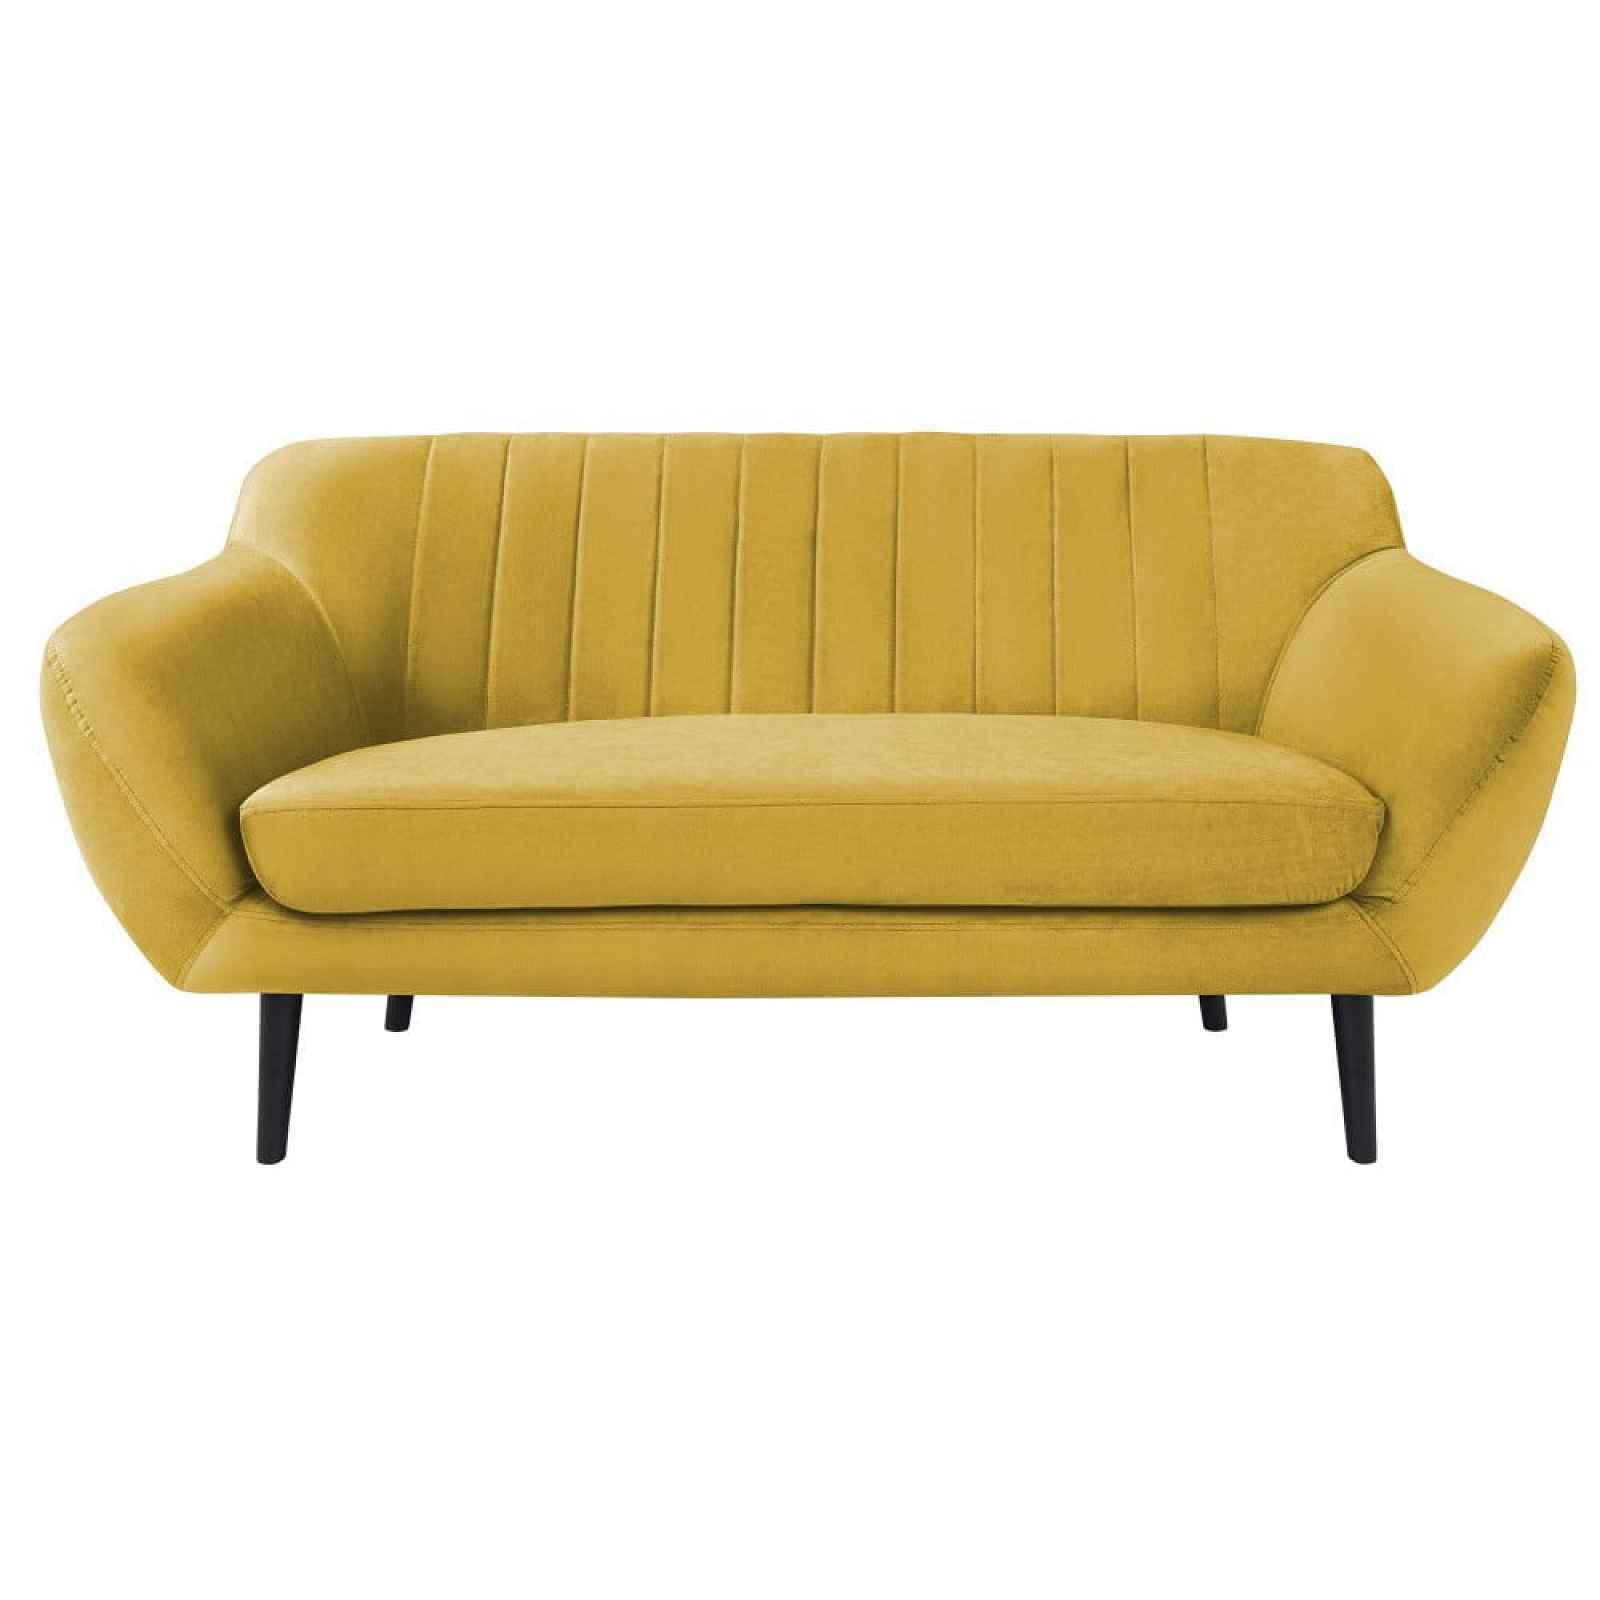 Žlutá pohovka pro dva Mazzini Sofas Toscane, černénohy